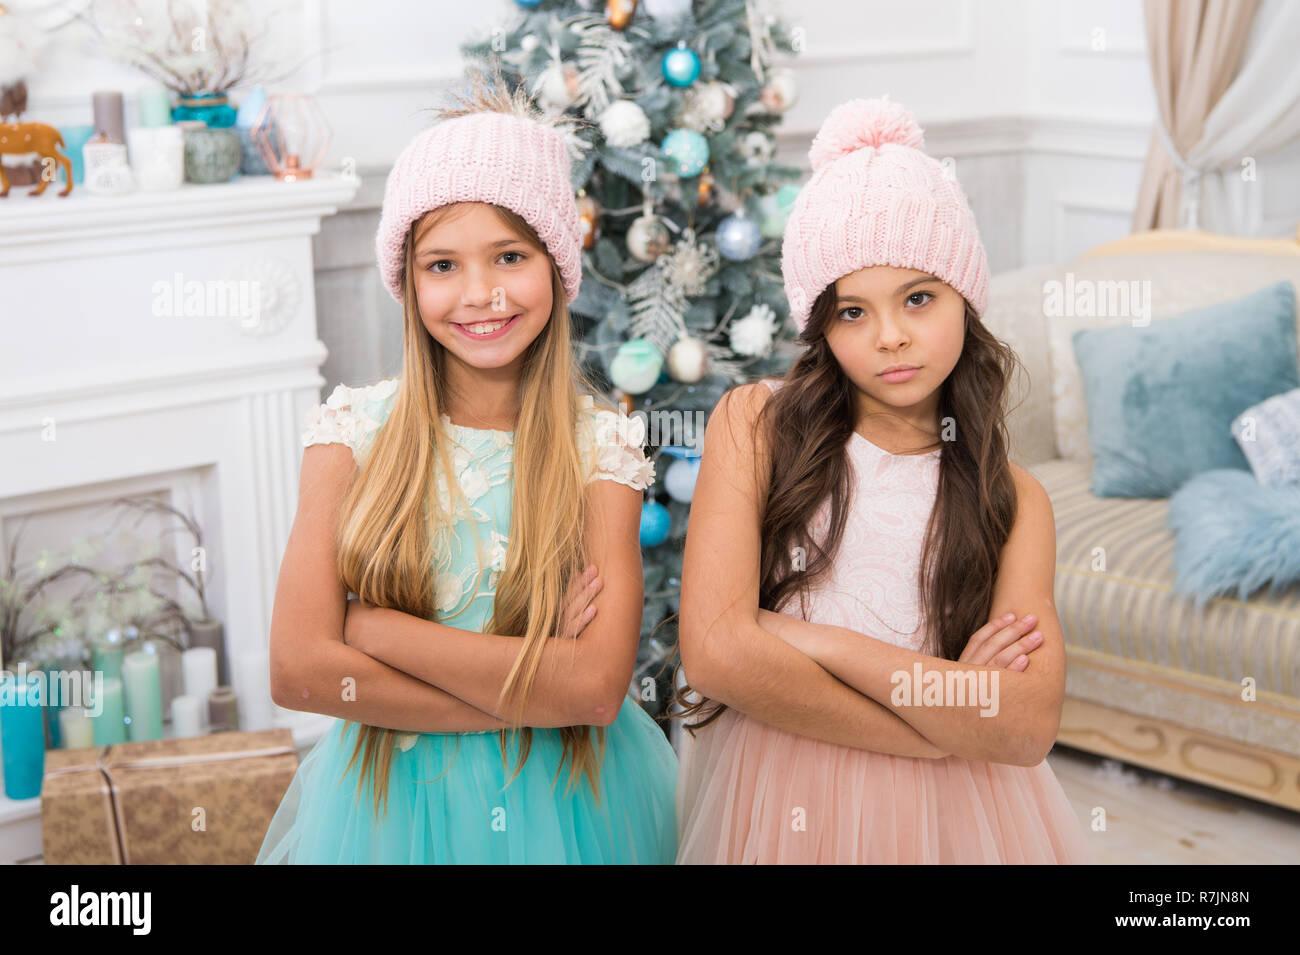 Schöne Weihnachtsgeschenke Für Die Ganze Familie.Urlaub Für Die Ganze Familie Süße Kleine Kinder Mädchen Mit